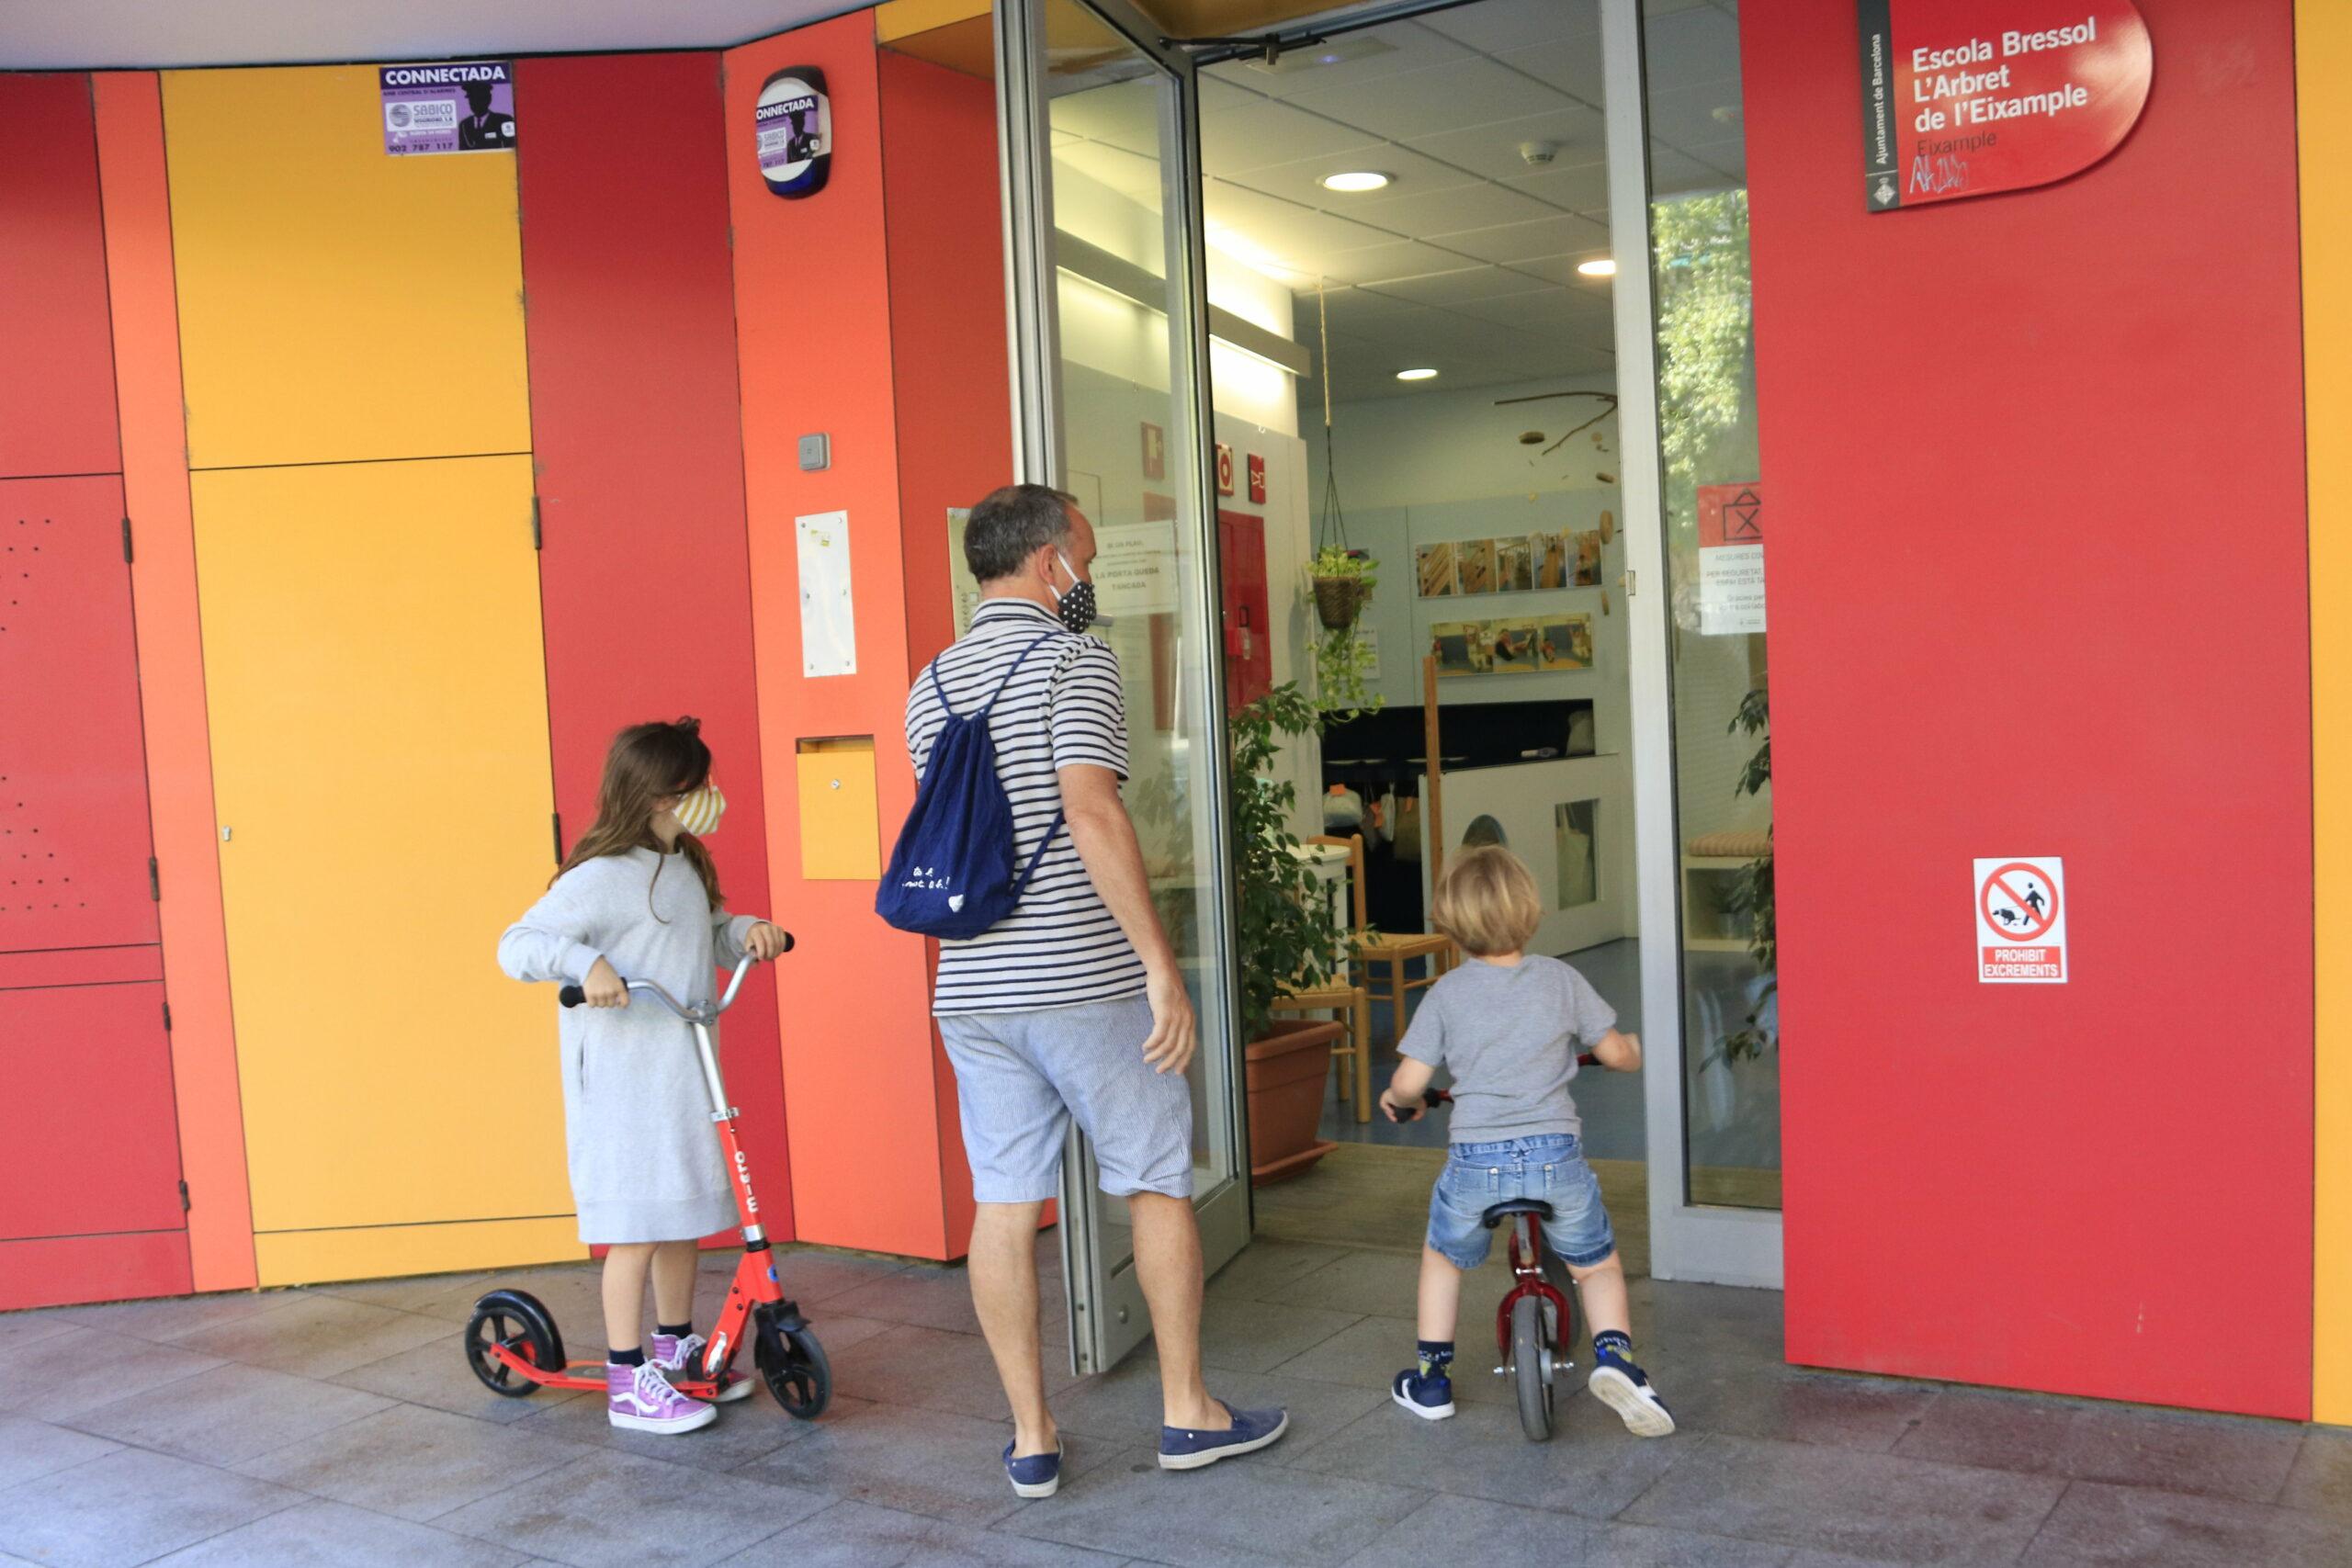 Infants acompanyats arriben a l'escola bressol L'Arbret de l'Eixample, a Barcelona, el primer dia de reobertura de les llars municipals | ACN